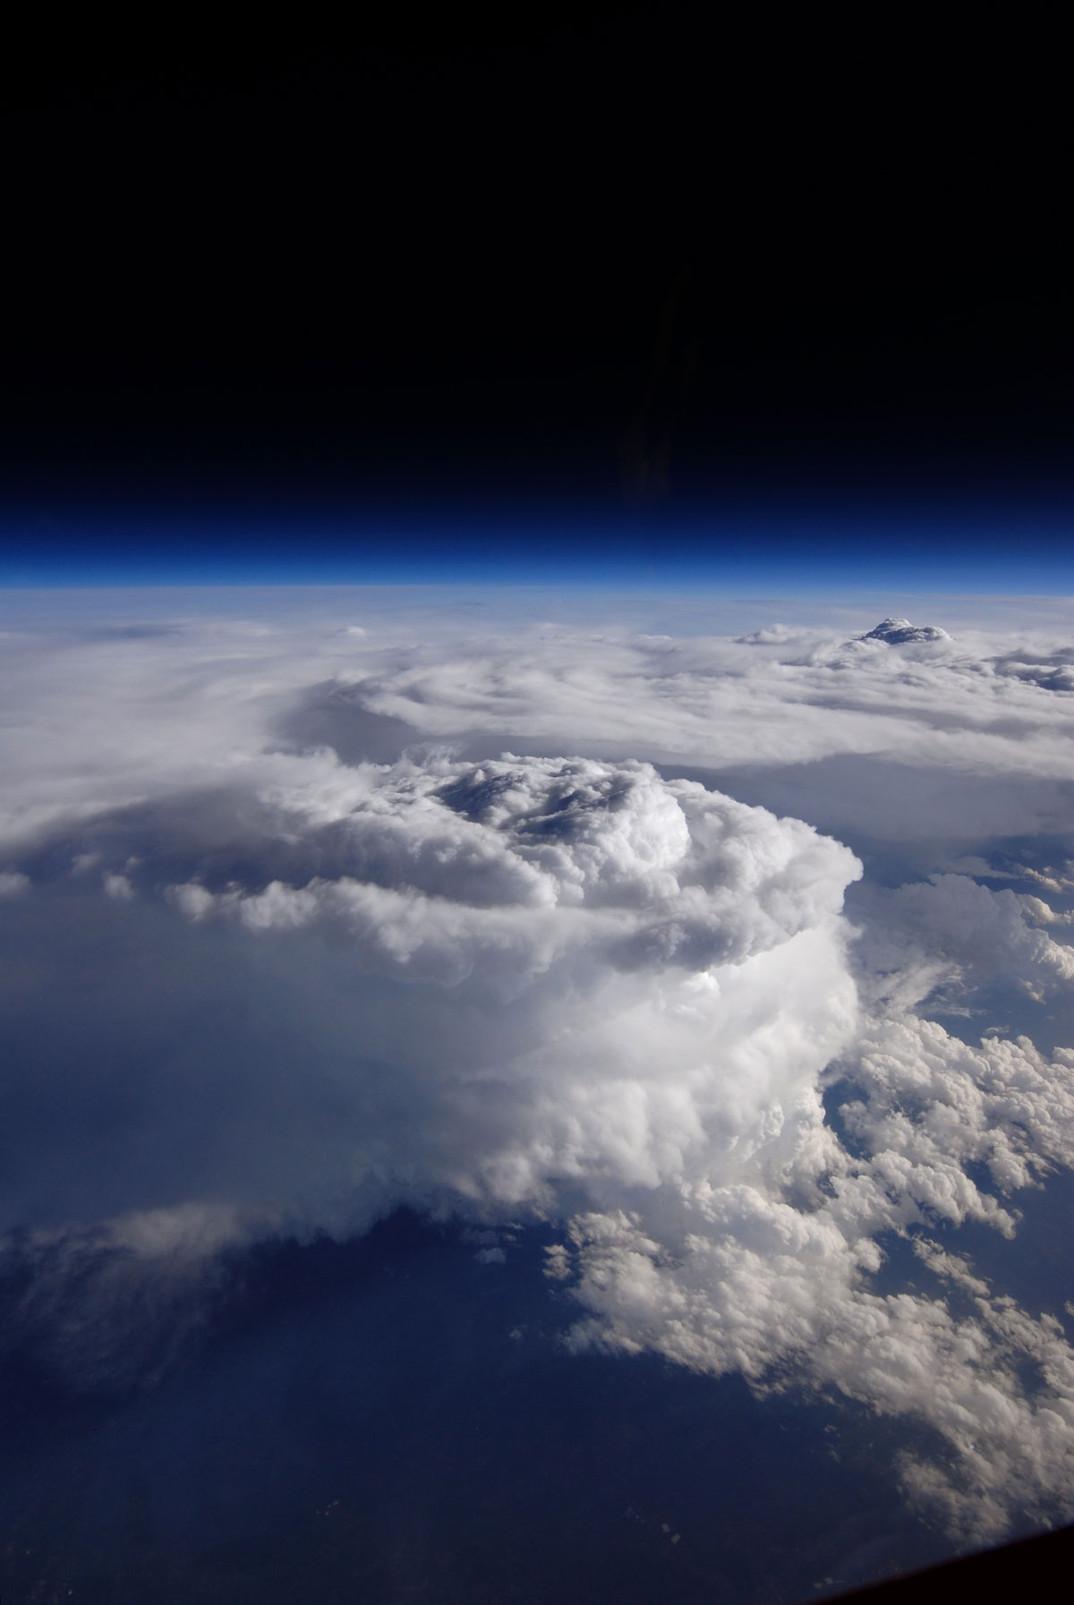 foto-della-terra-earth-day-nasa-02